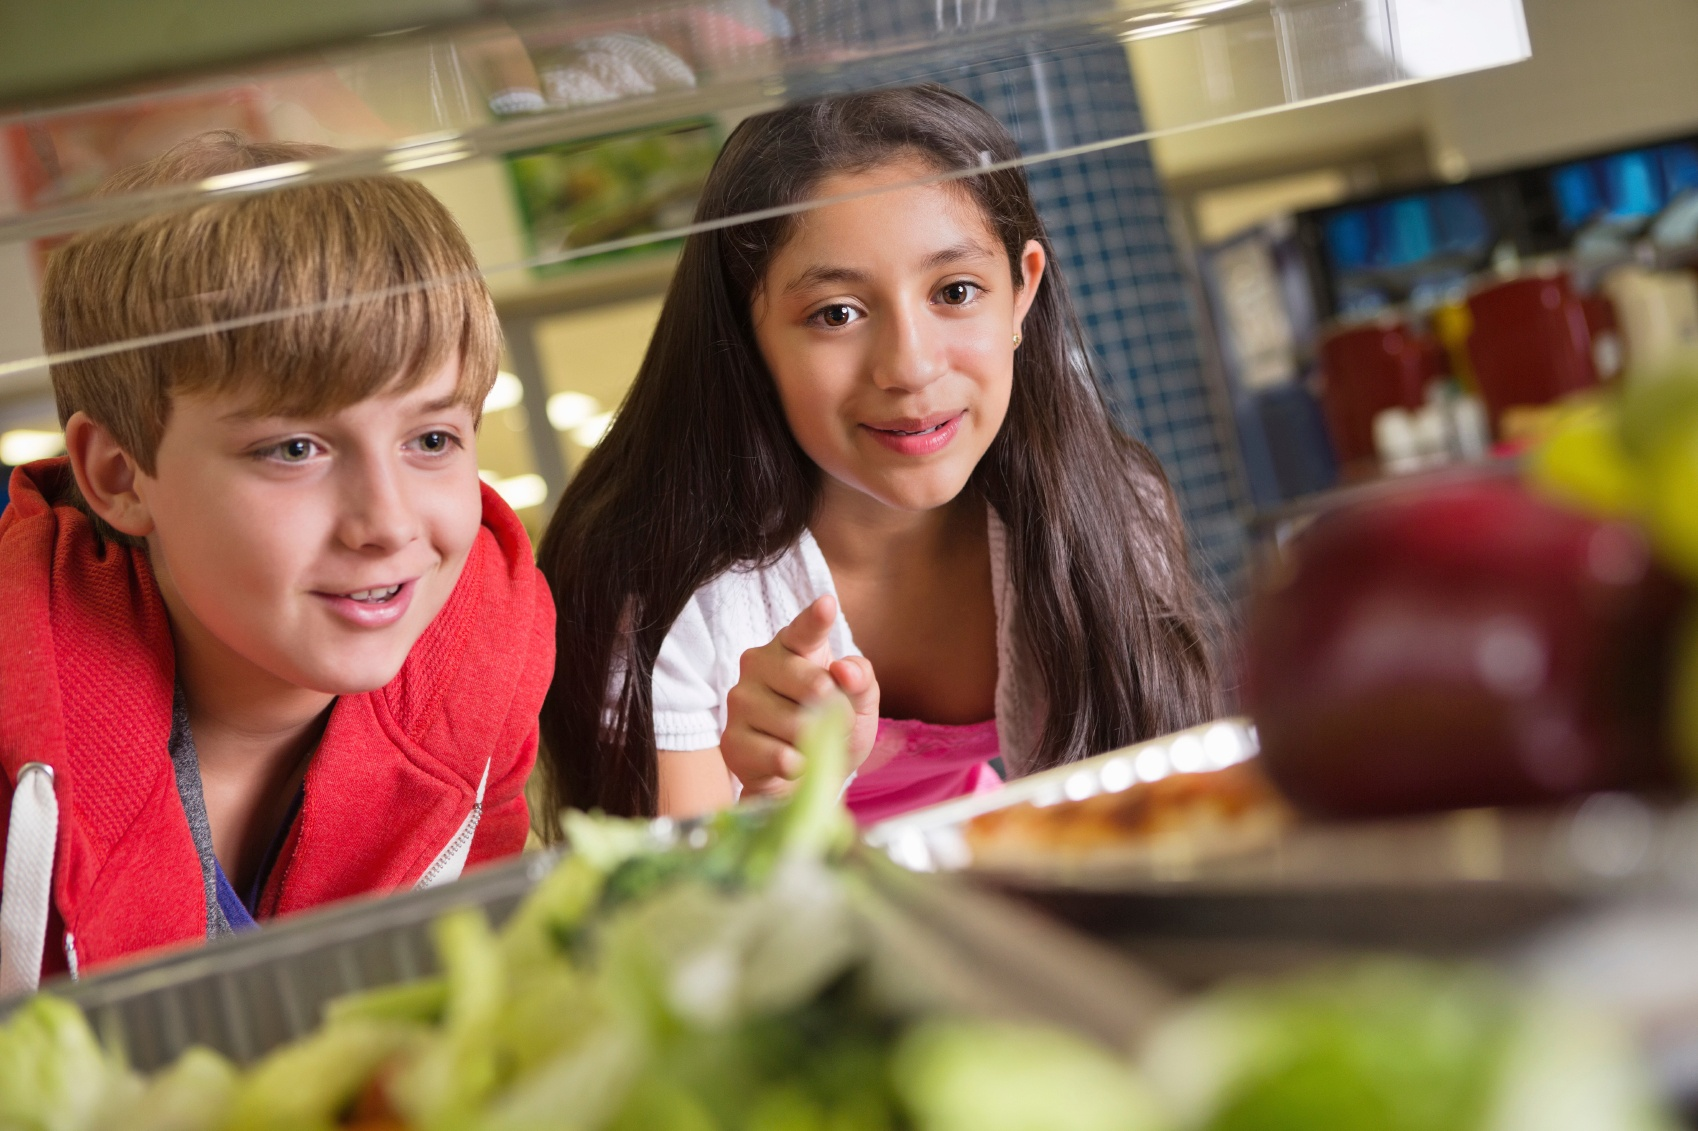 Students-choosing-healthy-food